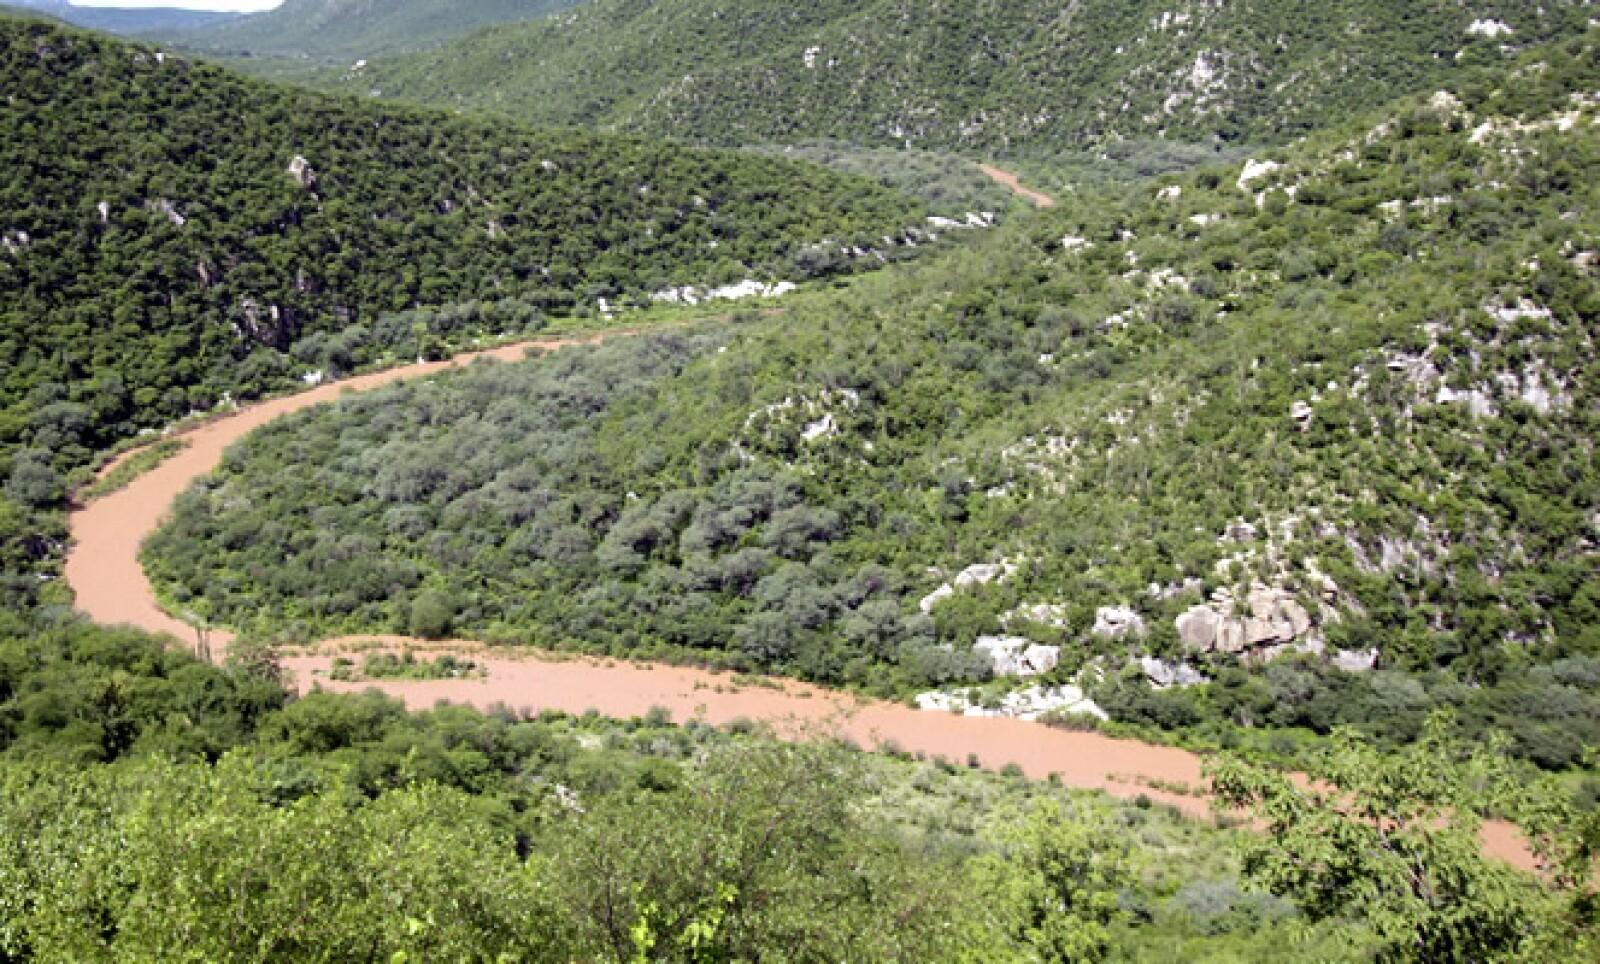 Según la empresa, las lluvias intensas causaron el derrame en la mina de Cananea, sin embargo autoridades rechazan esta justificación.